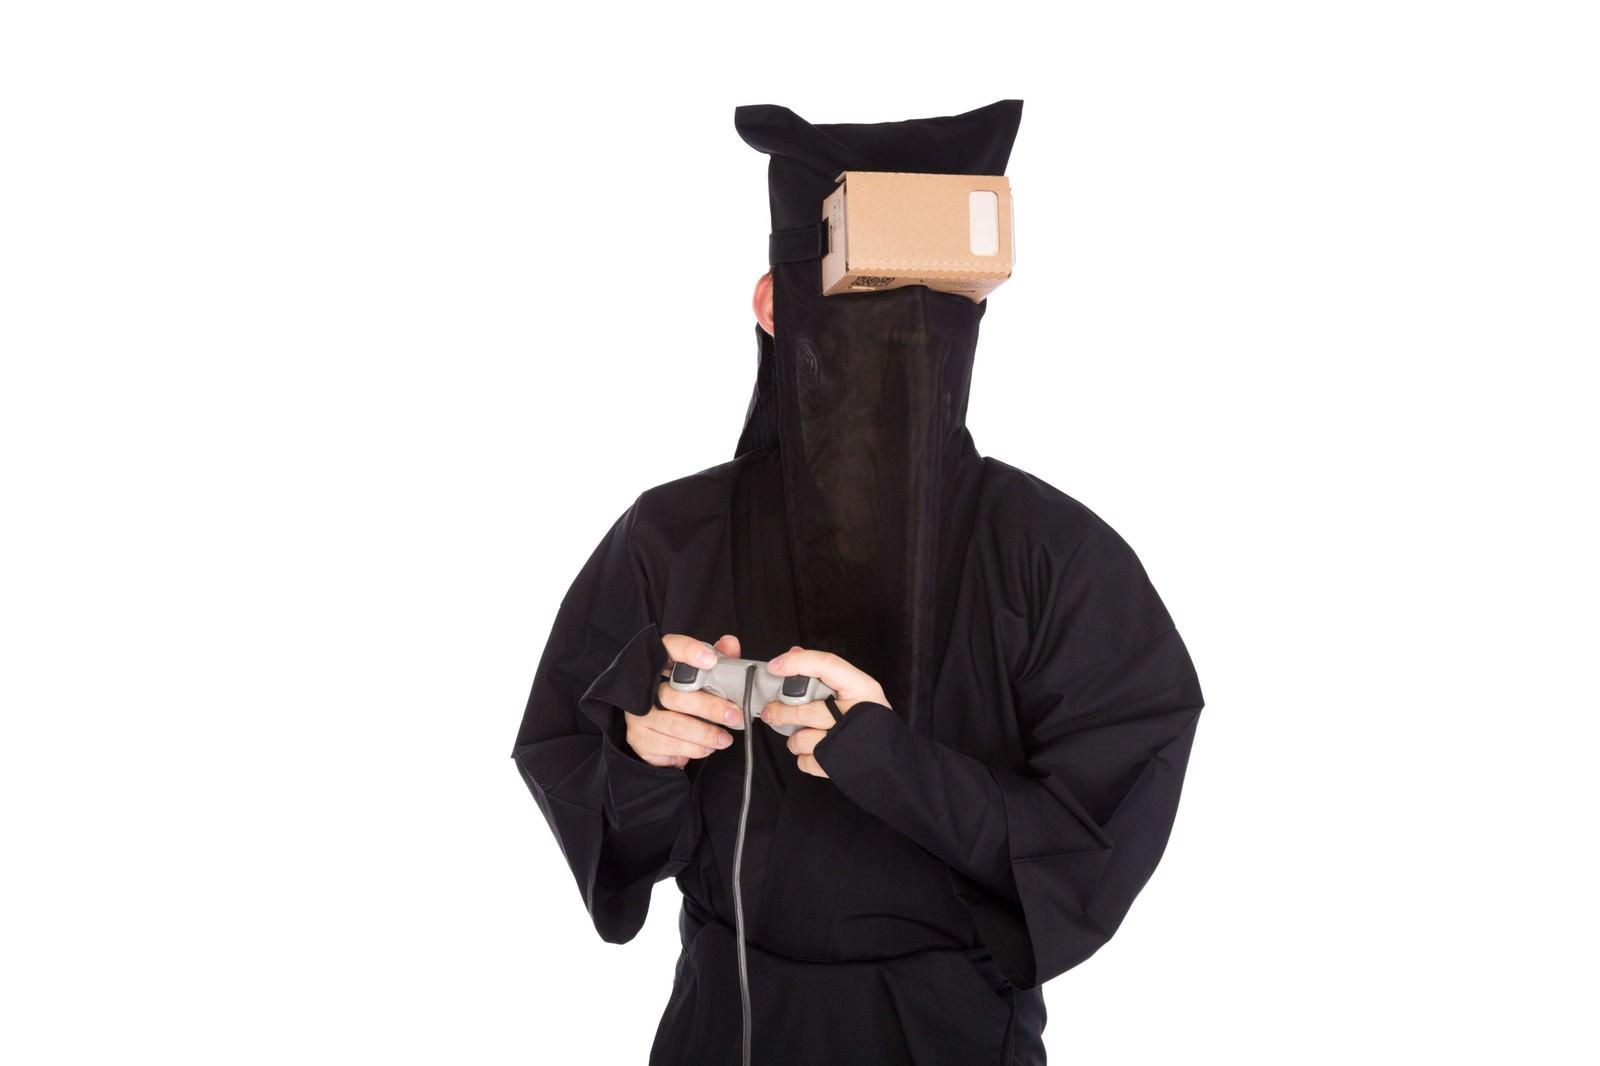 「最近VR系のゲームに嵌ってます」の写真[モデル:鈴木秀]